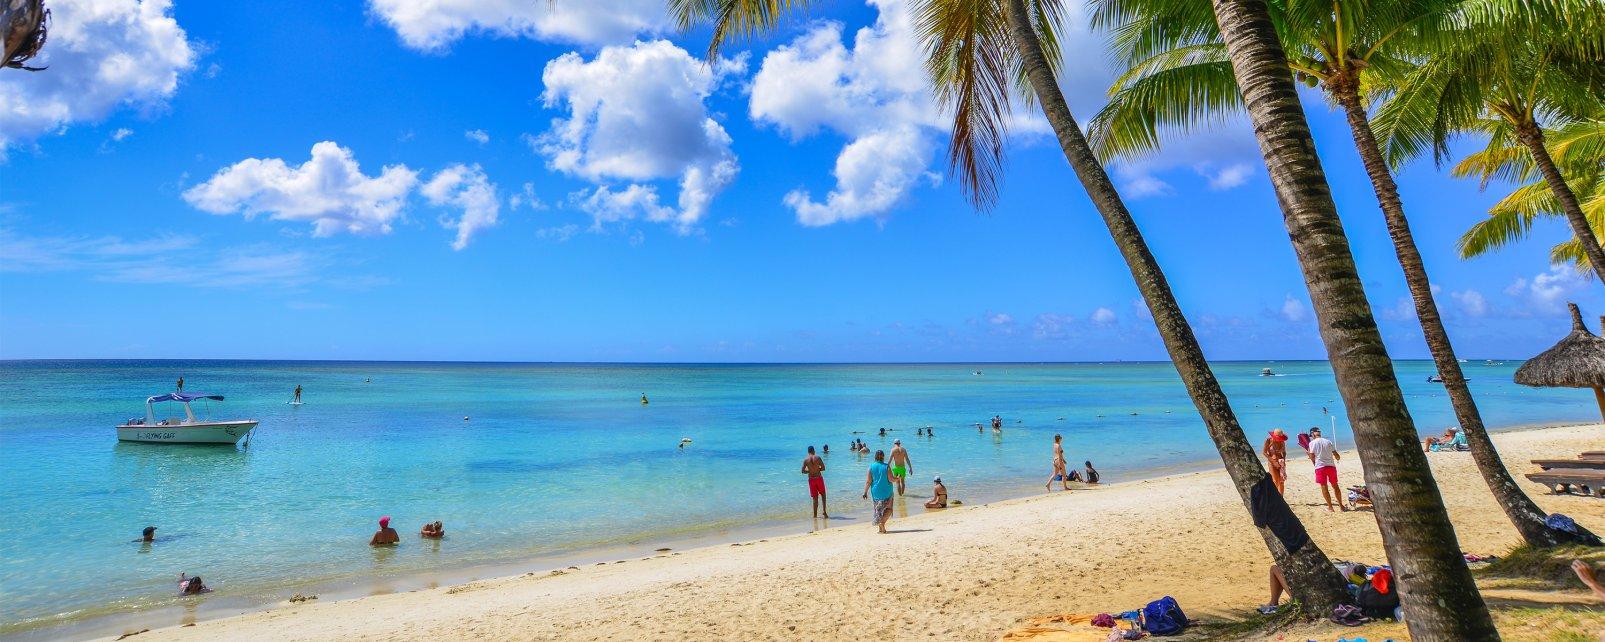 Trou aux Biches, La costa nord di Mauritius, Le rive, Isola Mauritius